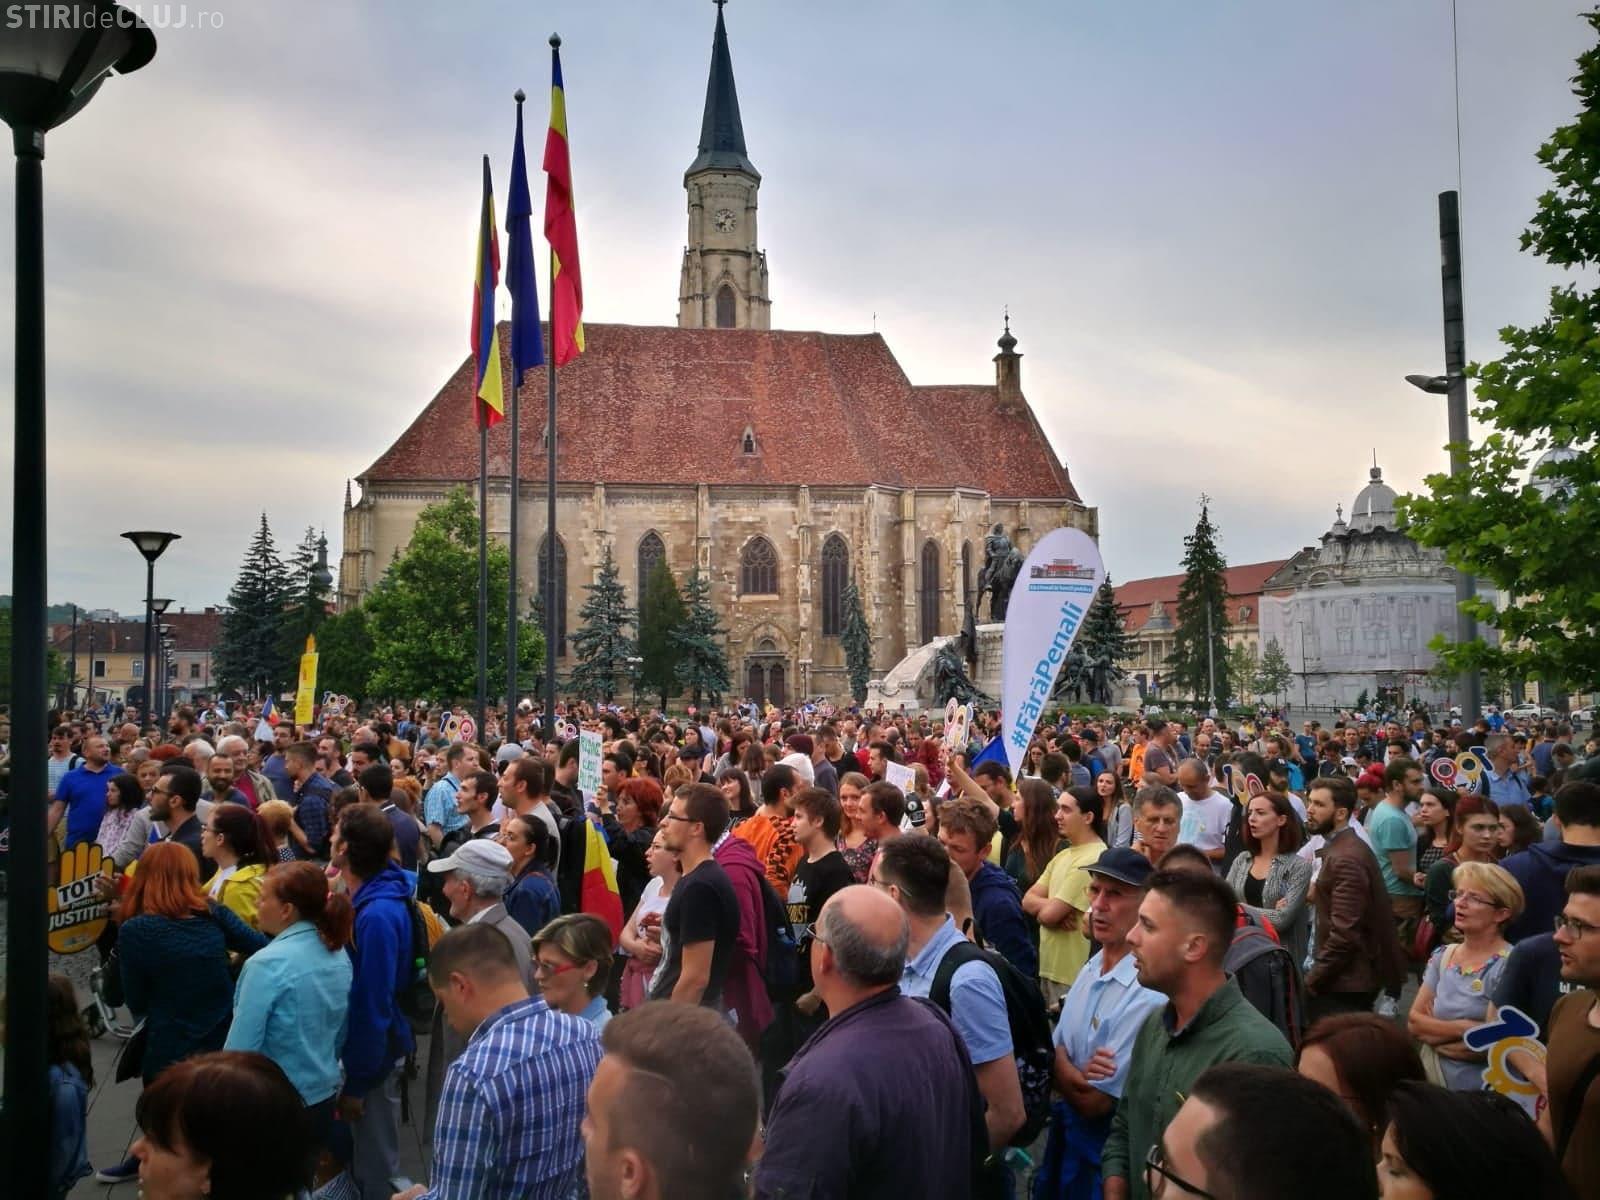 O nouă serie de proteste împotriva Guvernului urmează la Cluj, în fiecare joi: Te-ai săturat de corupție?